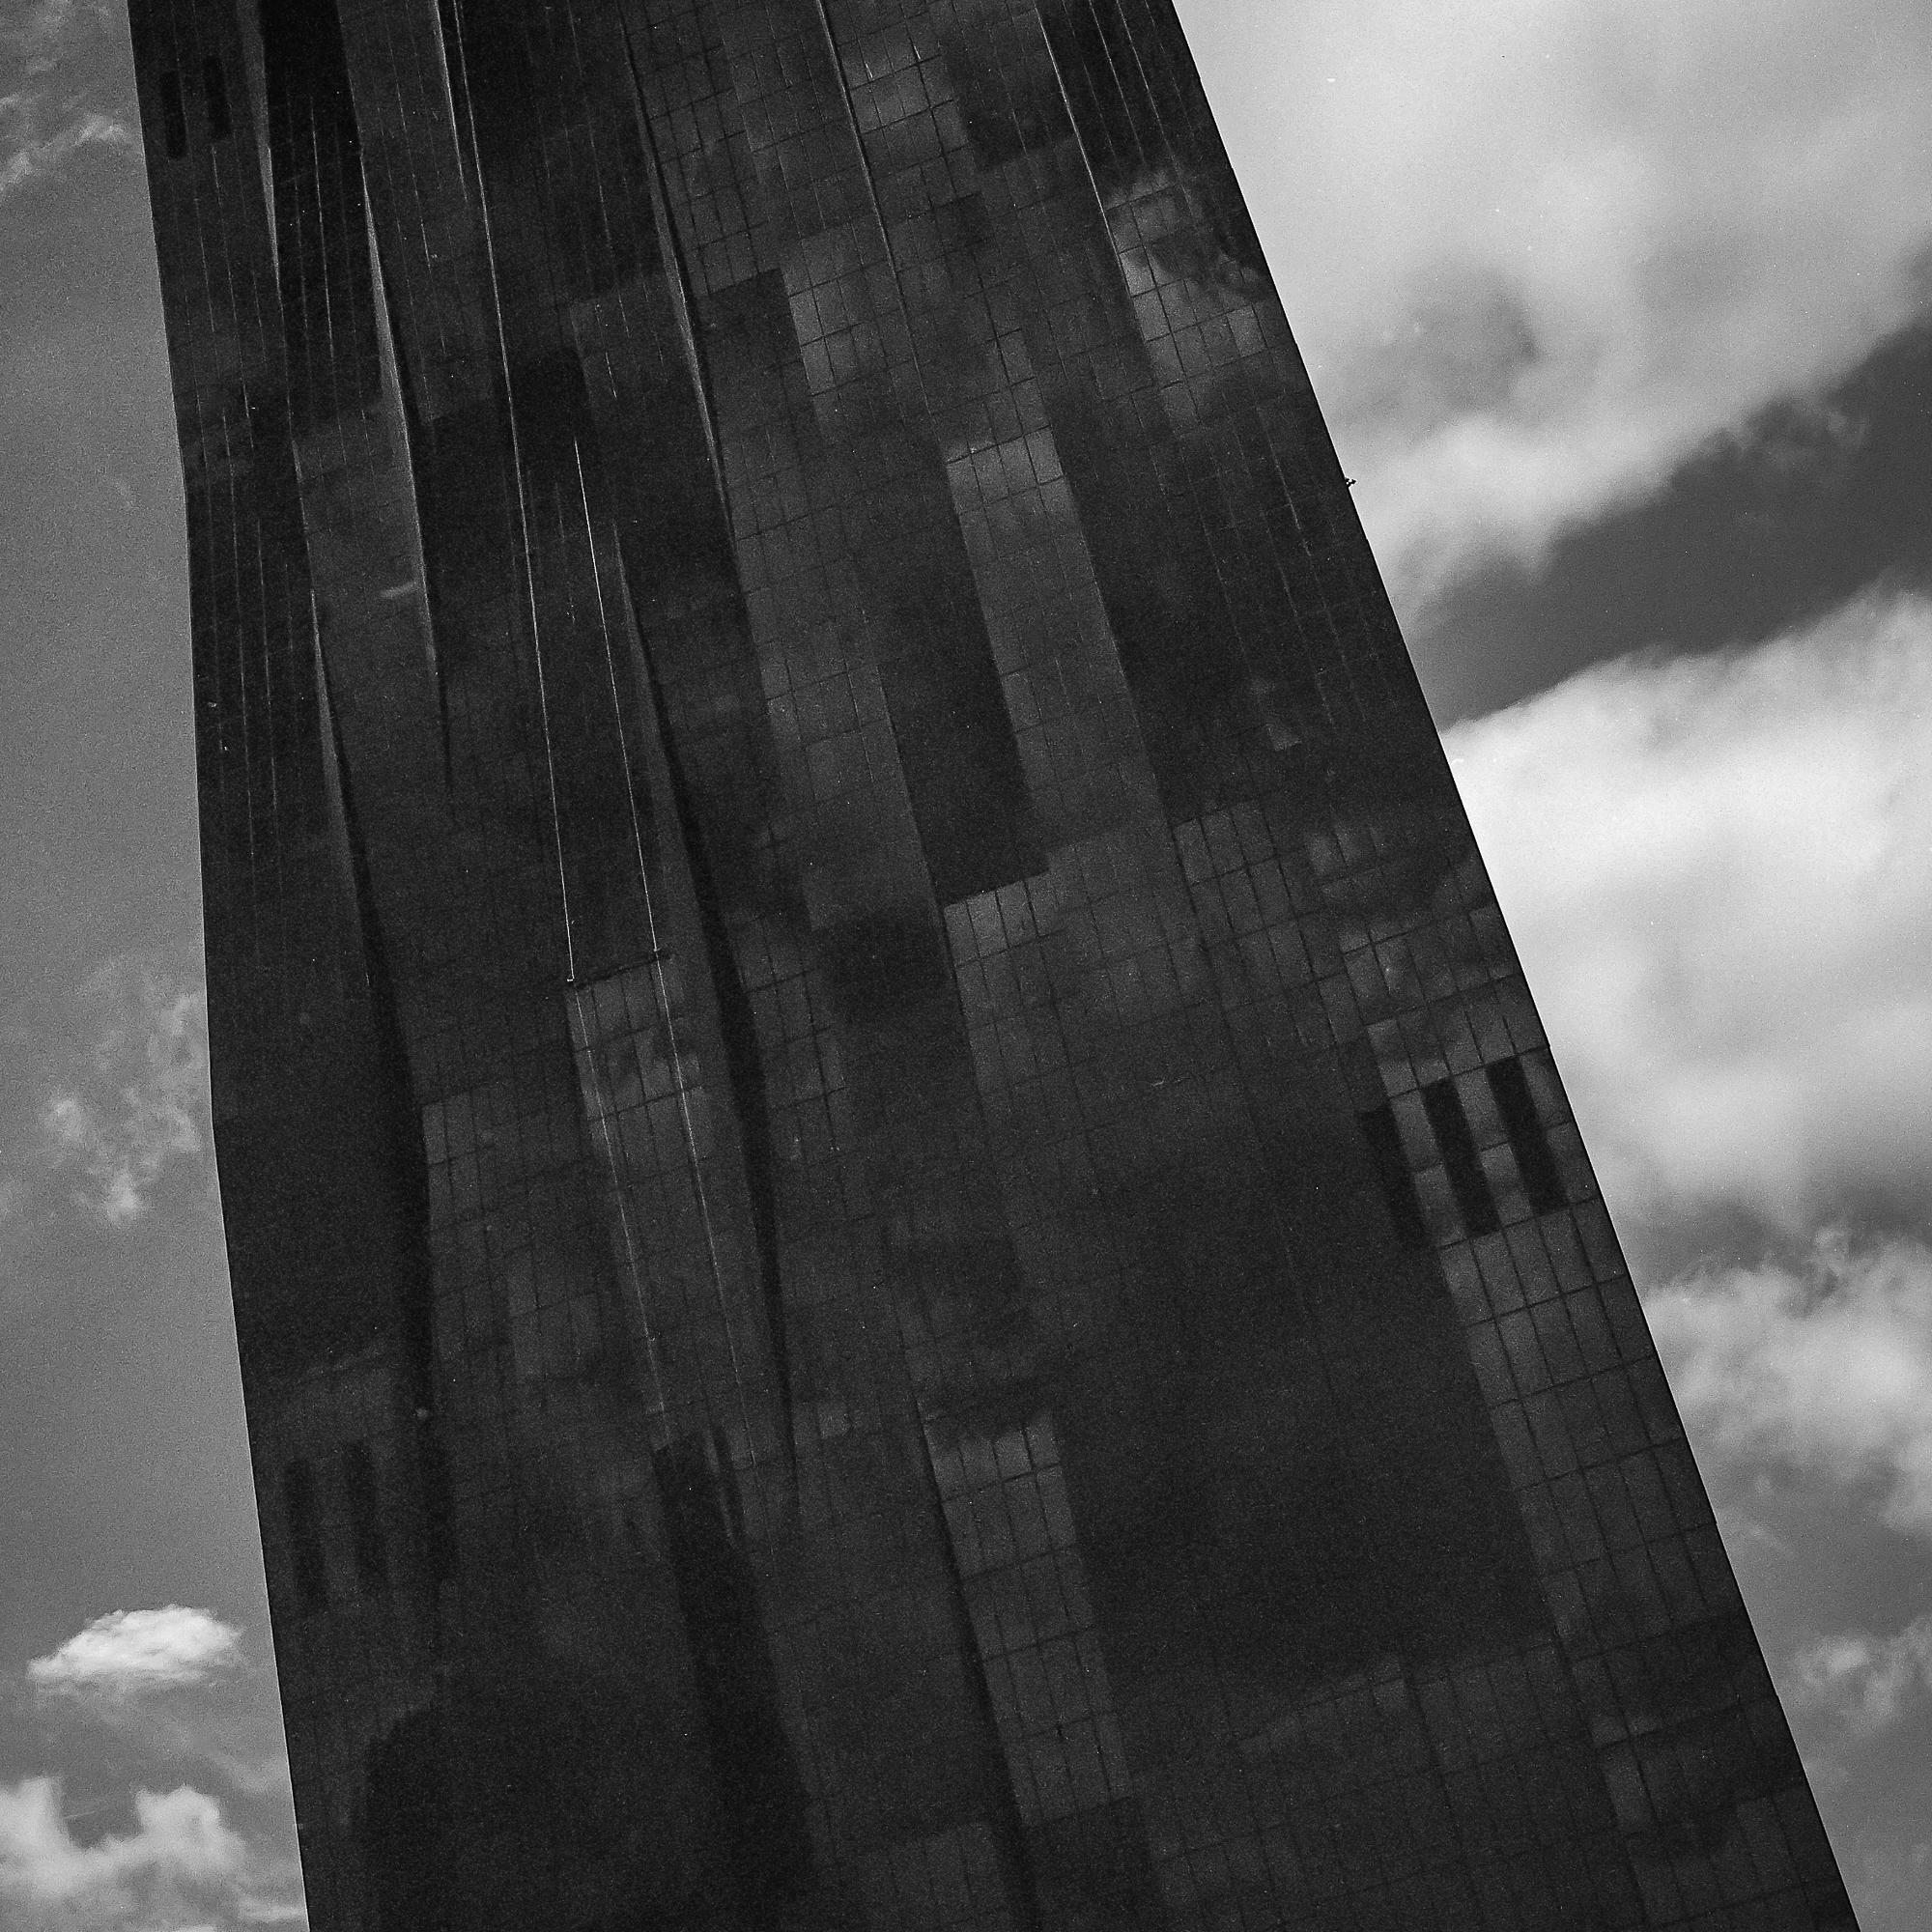 DC Tower i Wien. ©Bjørn Joachimsen.